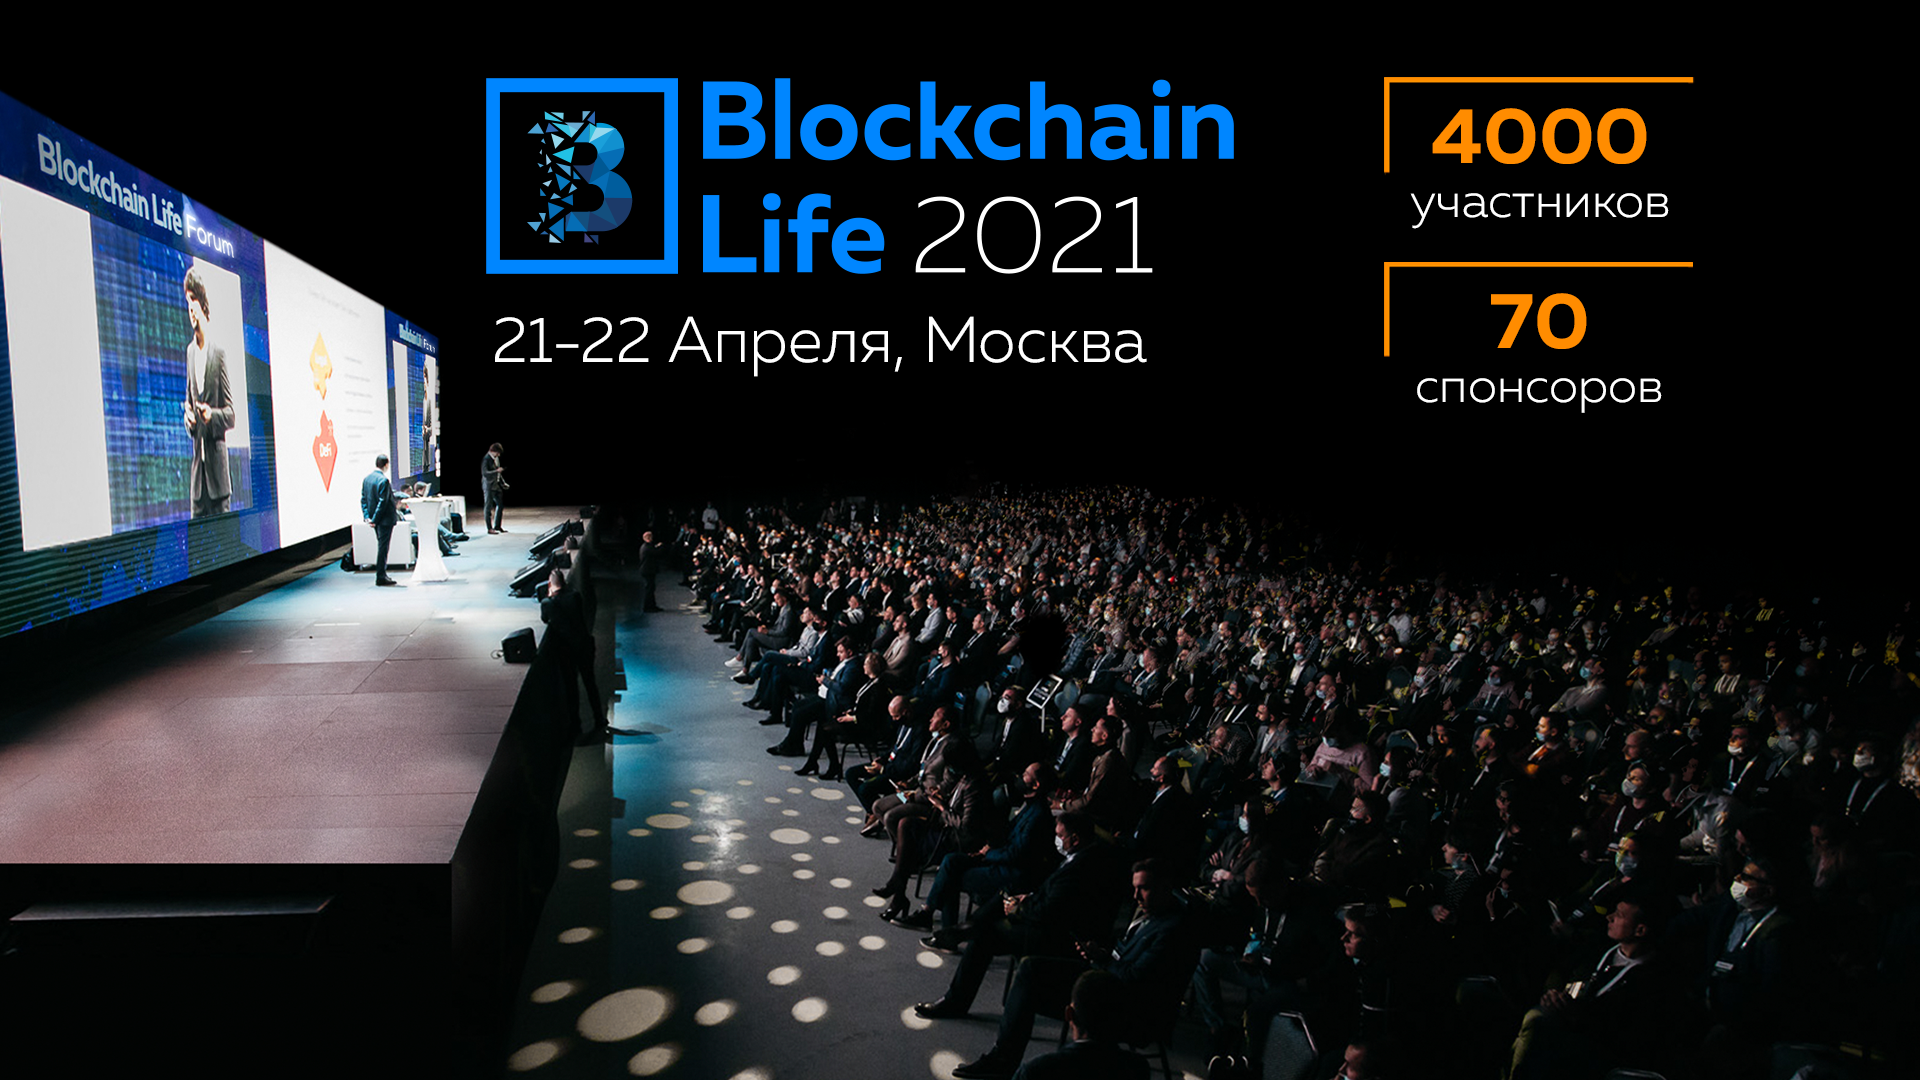 Форум Blockchain Life 2021 - Что на нем будет?